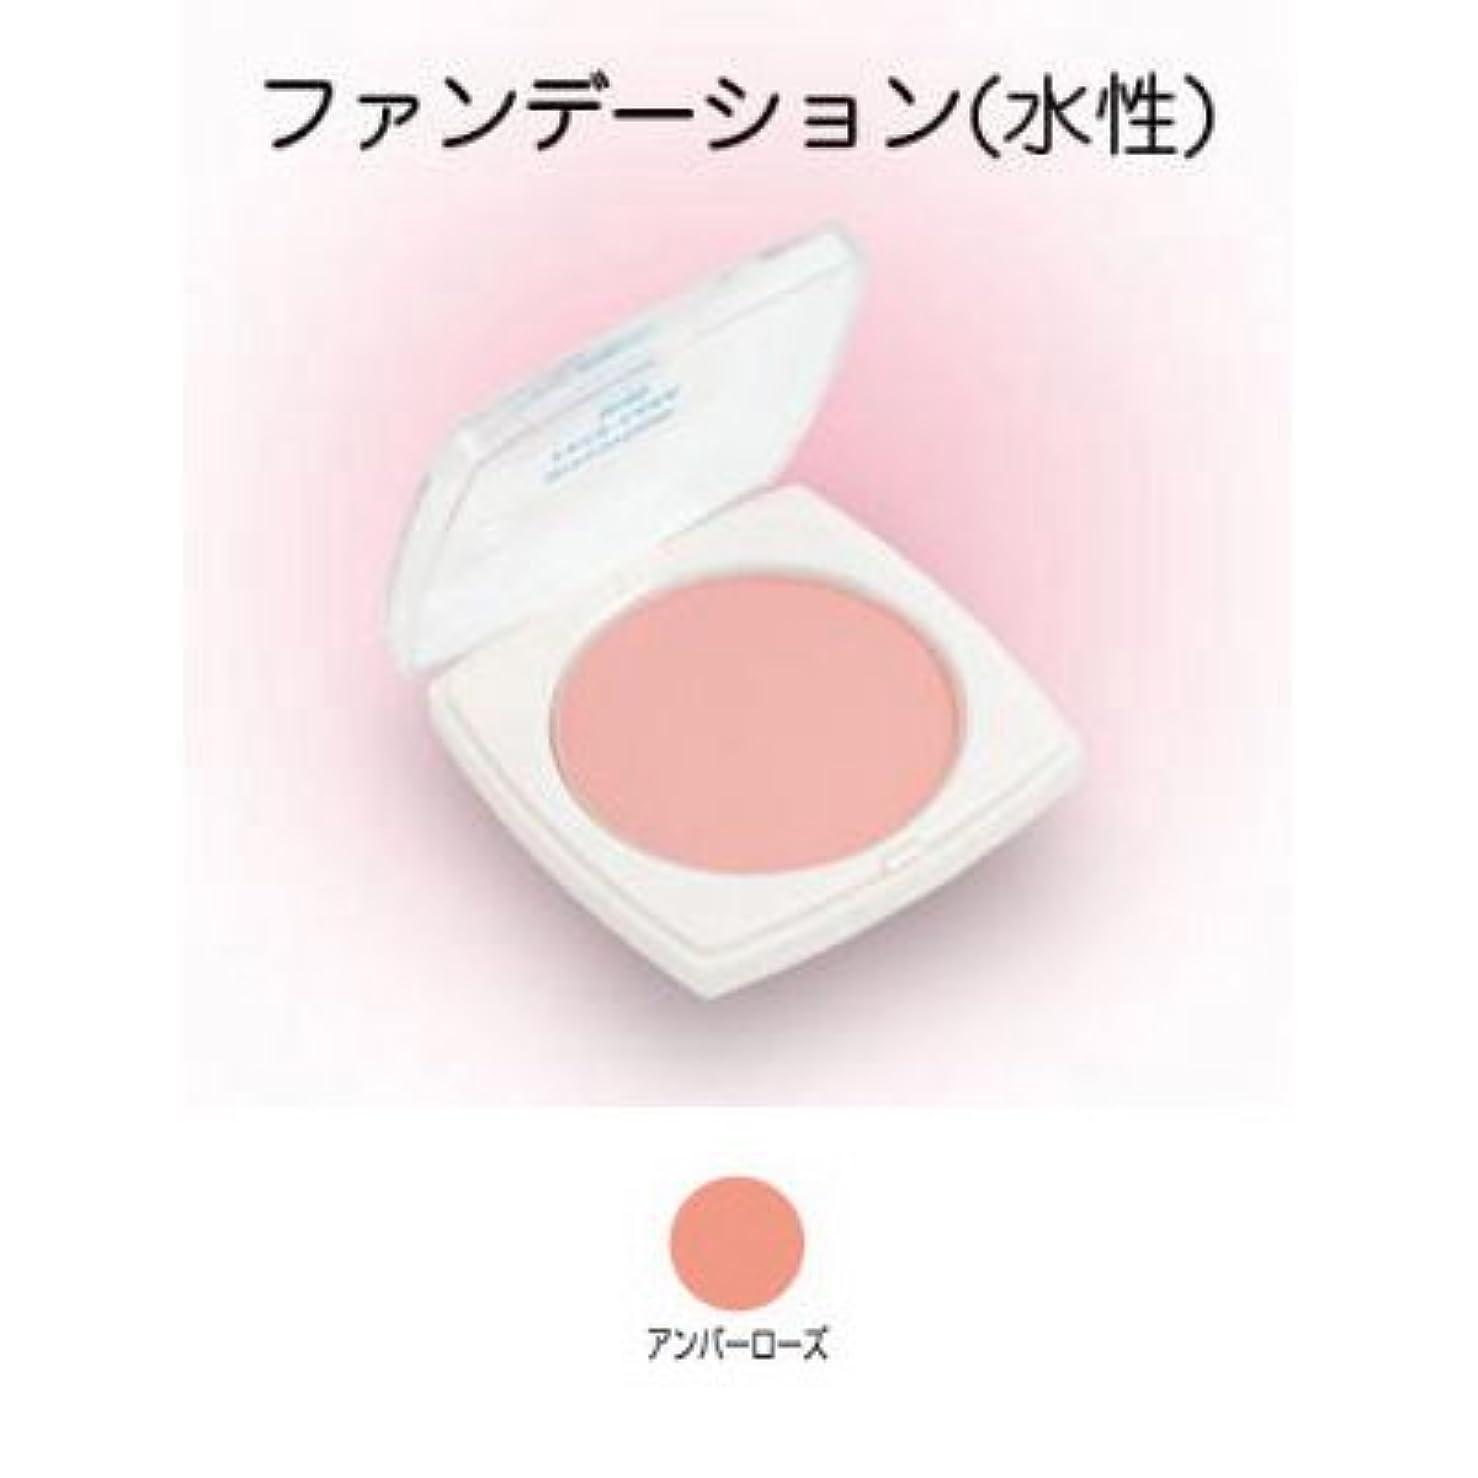 協力するアスリート日食フェースケーキ ミニ 17g アンバーローズ 【三善】